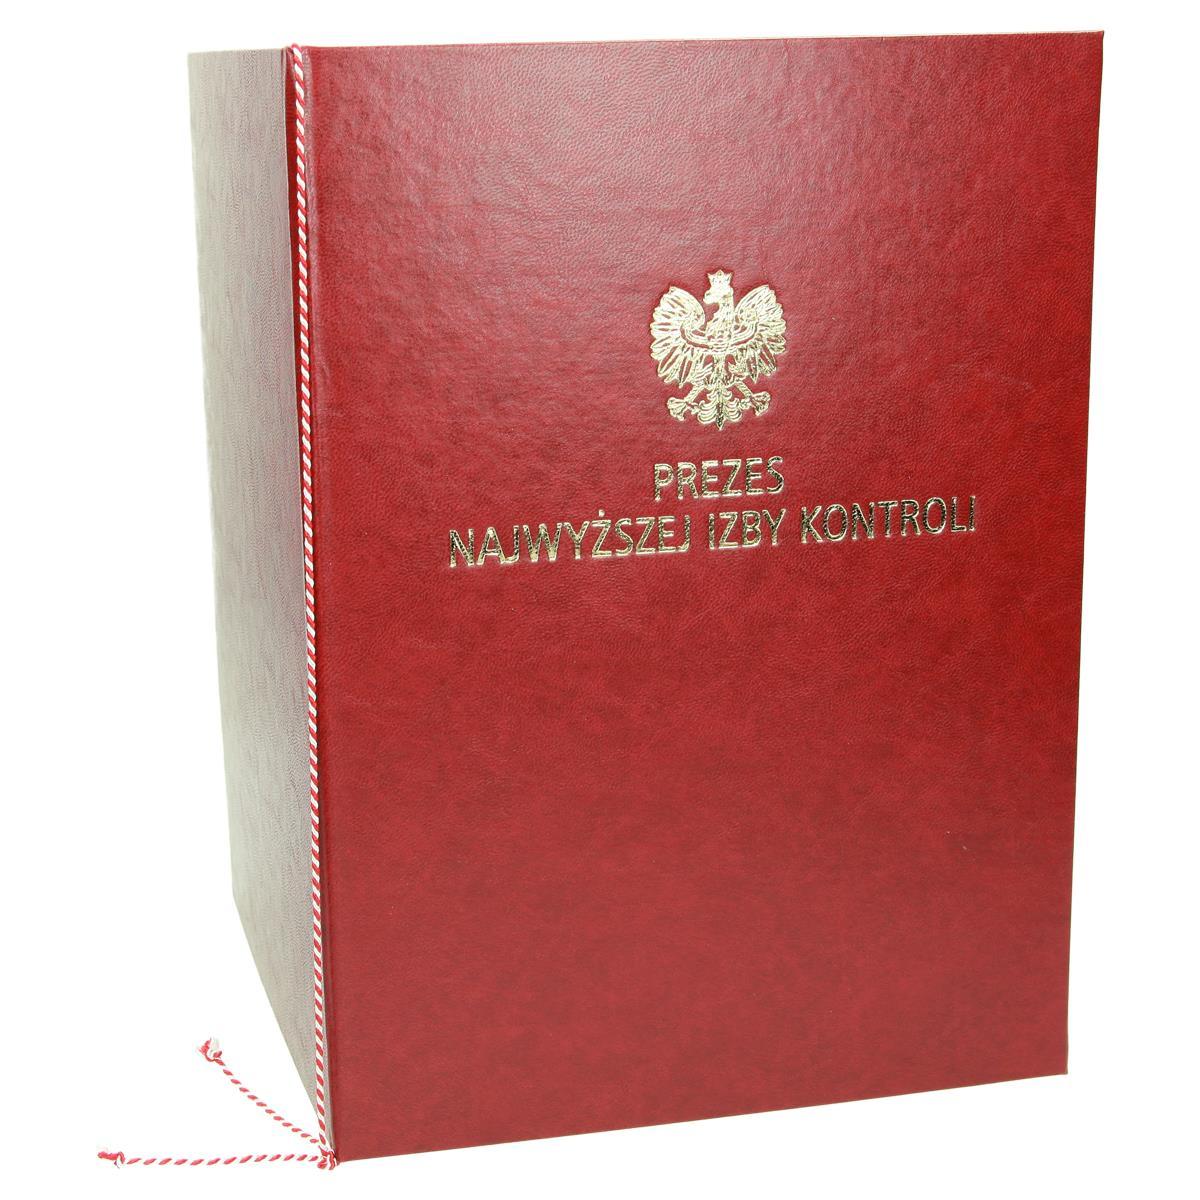 Oprawa na dyplom ze sznurkiem biało-czerwonym 0943